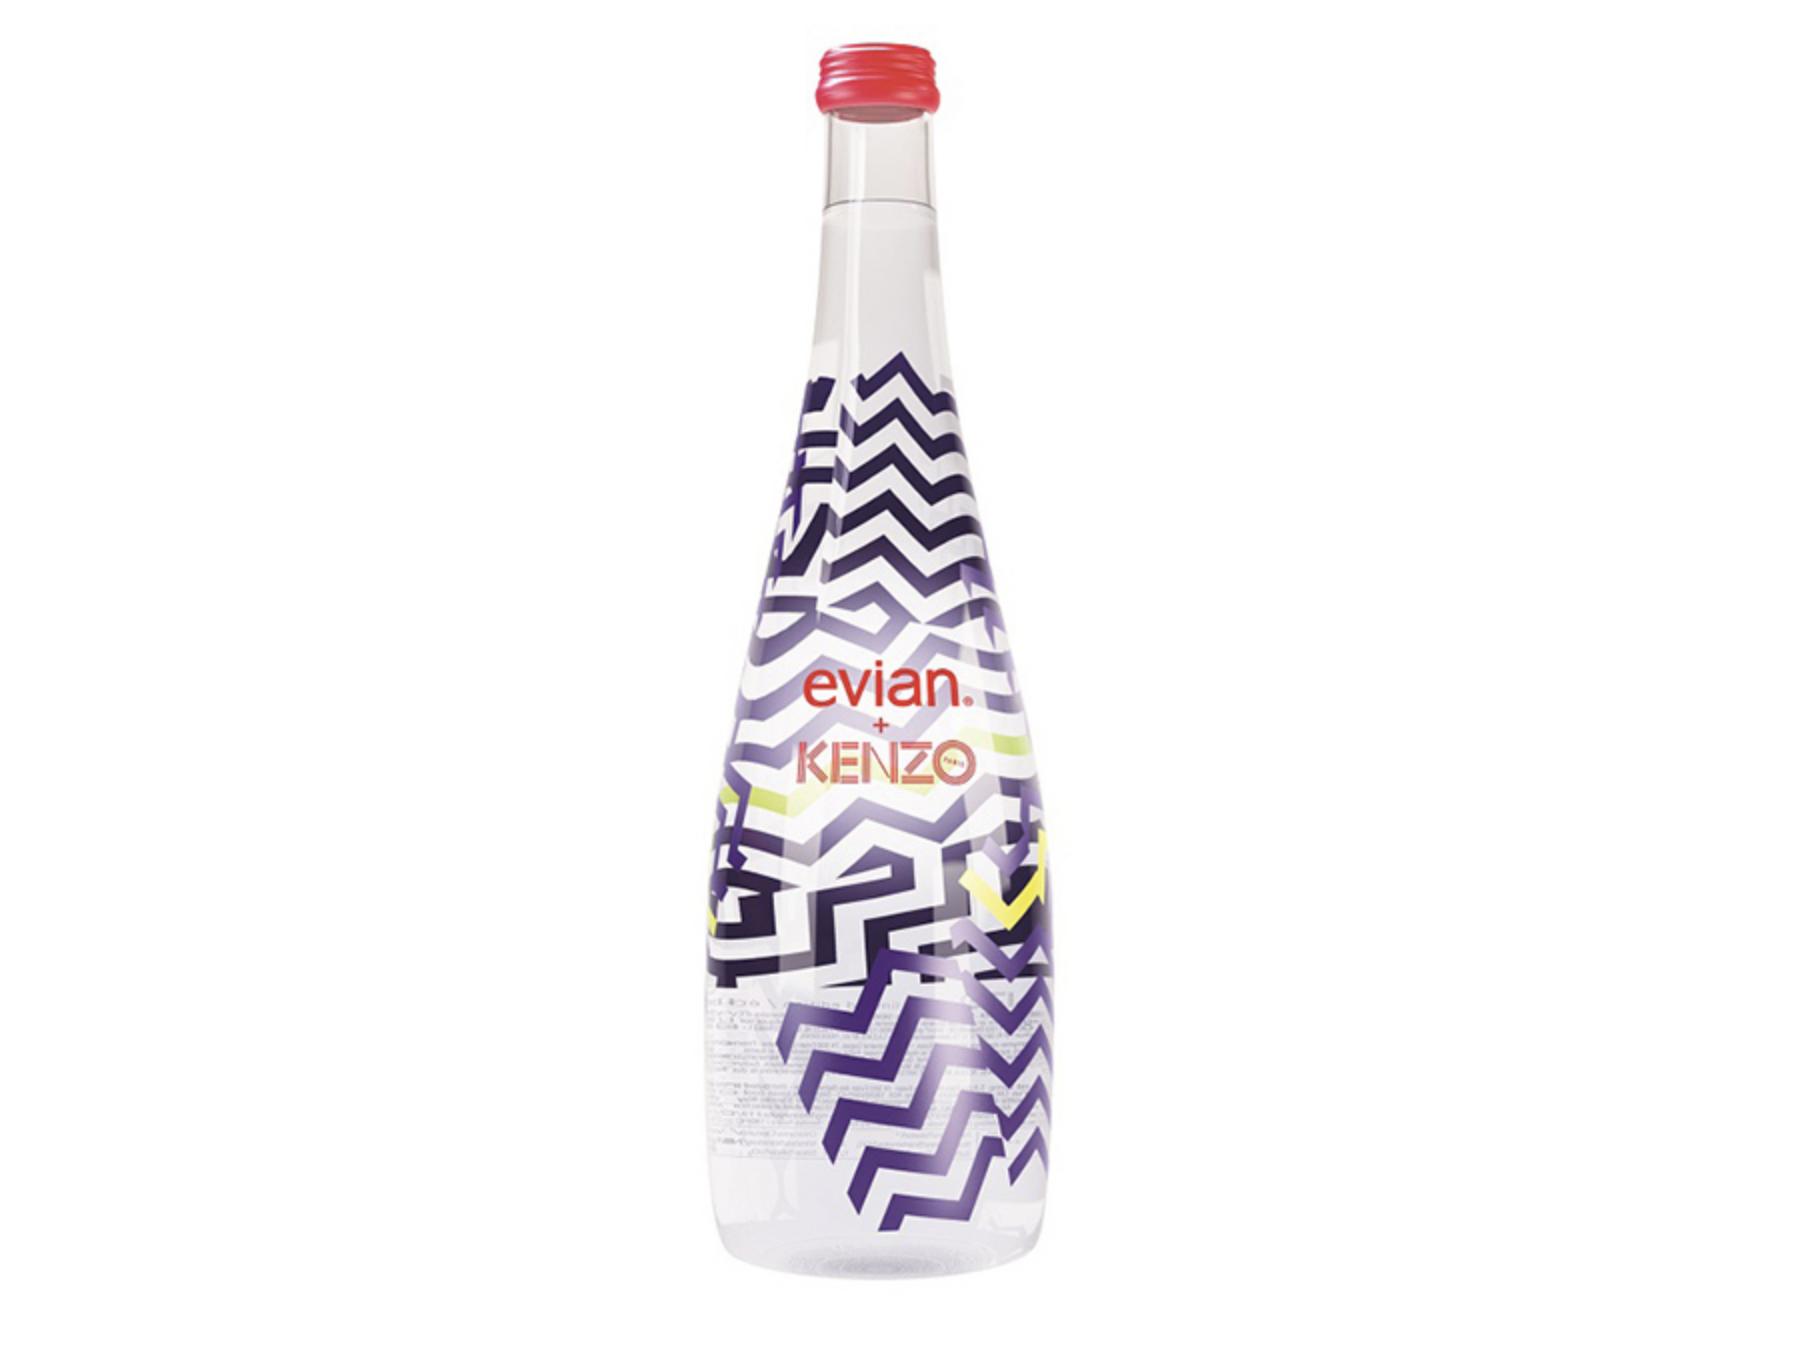 Bouteille Evian design par Kenzo